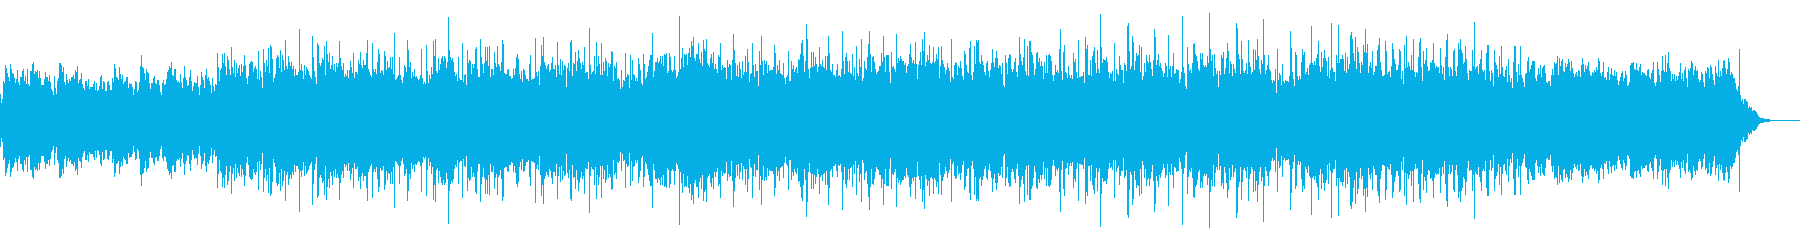 ダークなテクススチャの再生済みの波形